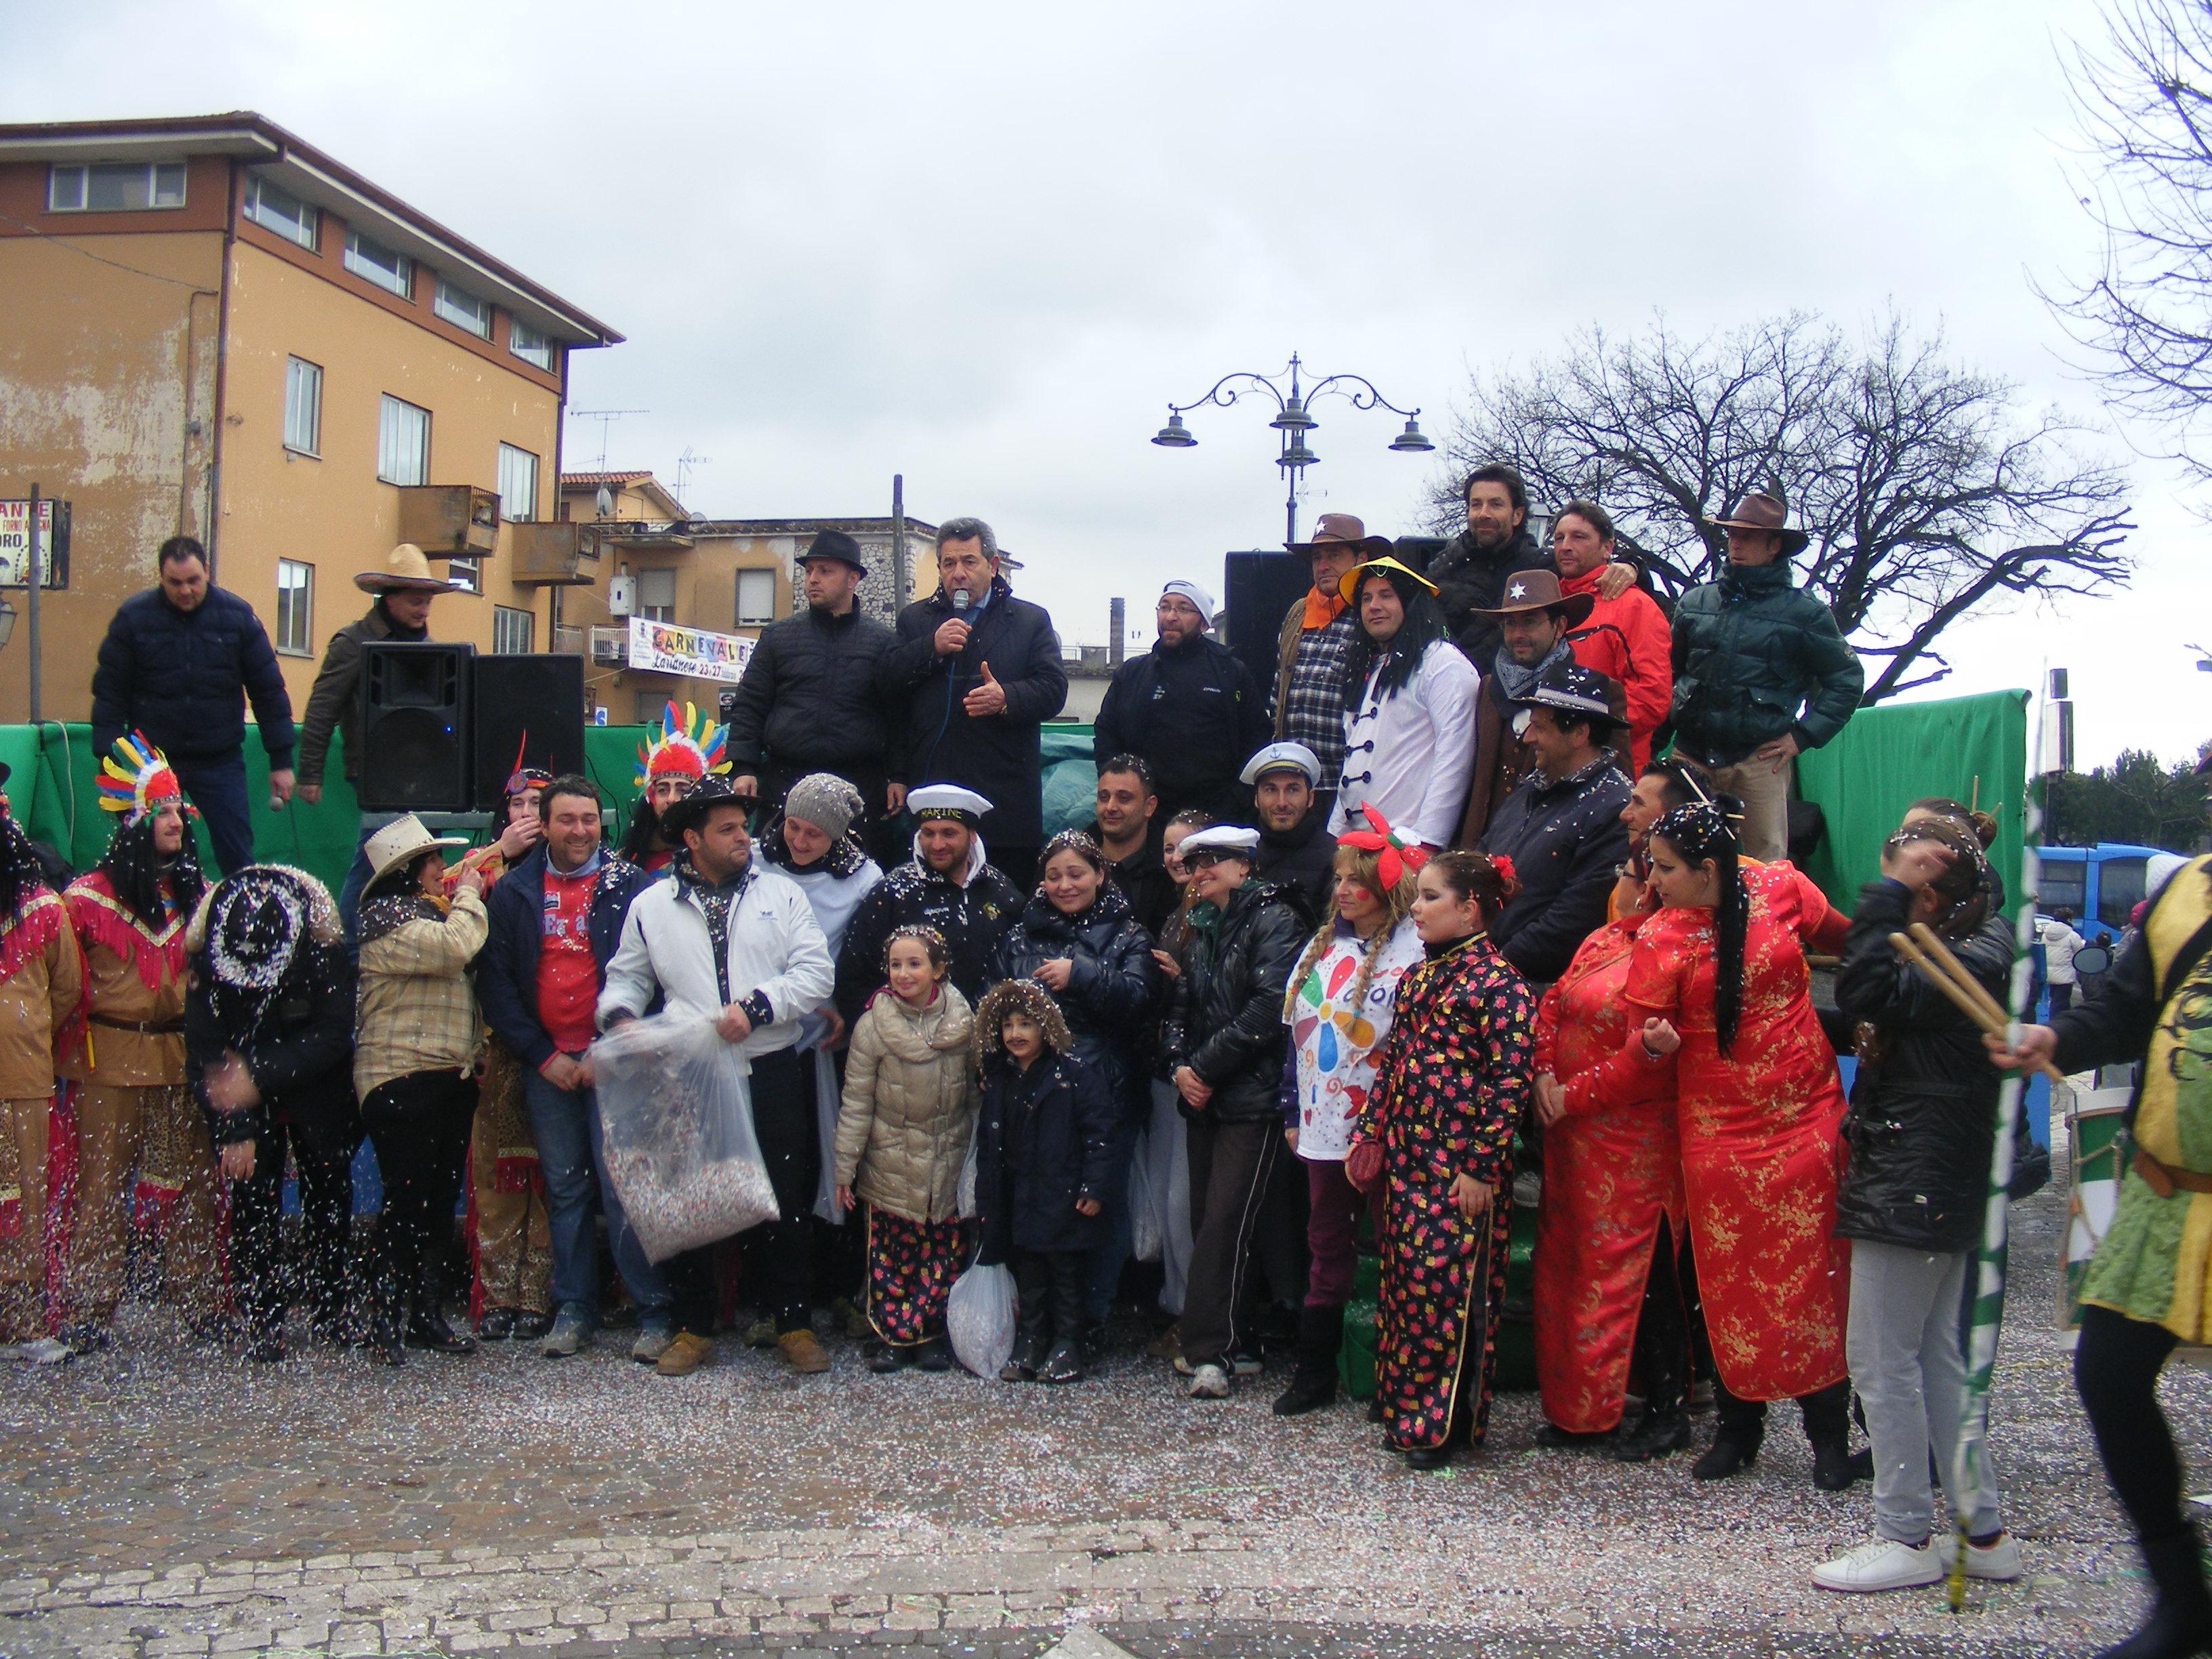 carnevale_larianese_foto_di_gruppo_in_piazza_santa_eurosia